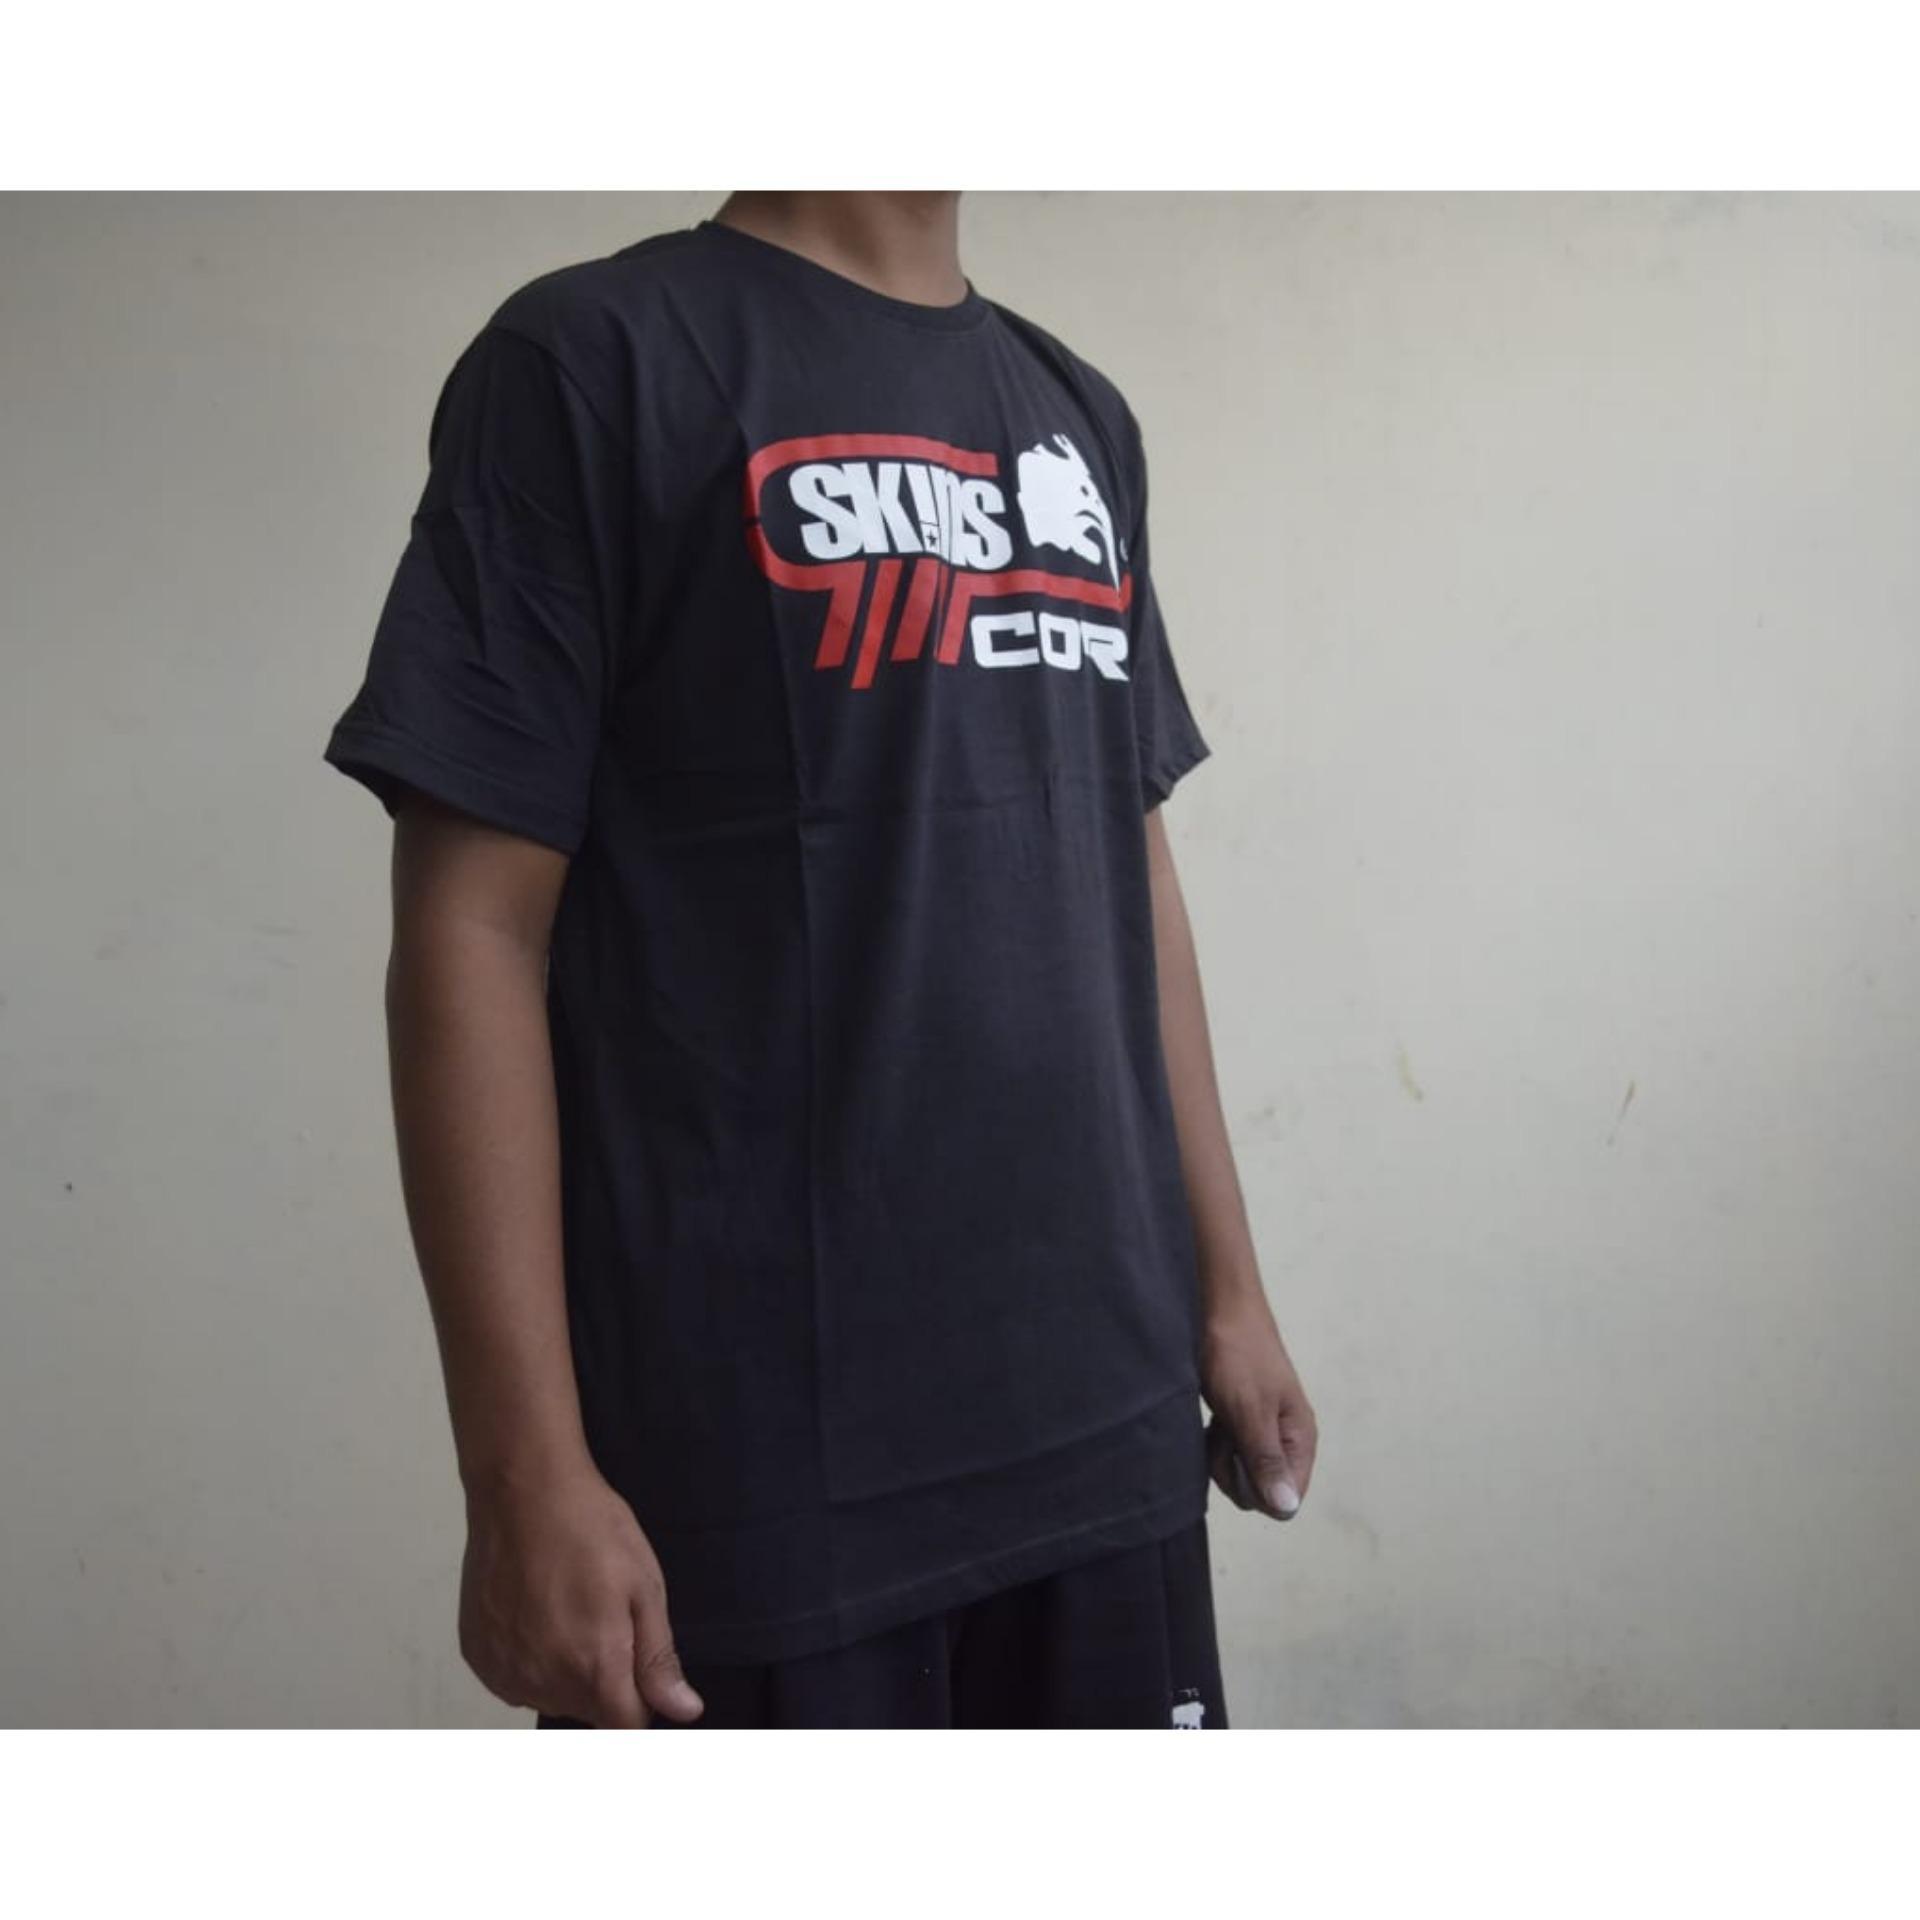 Tshirt Distro Pria - Tshirt Original HELENIC MOAX- B A E WEAH